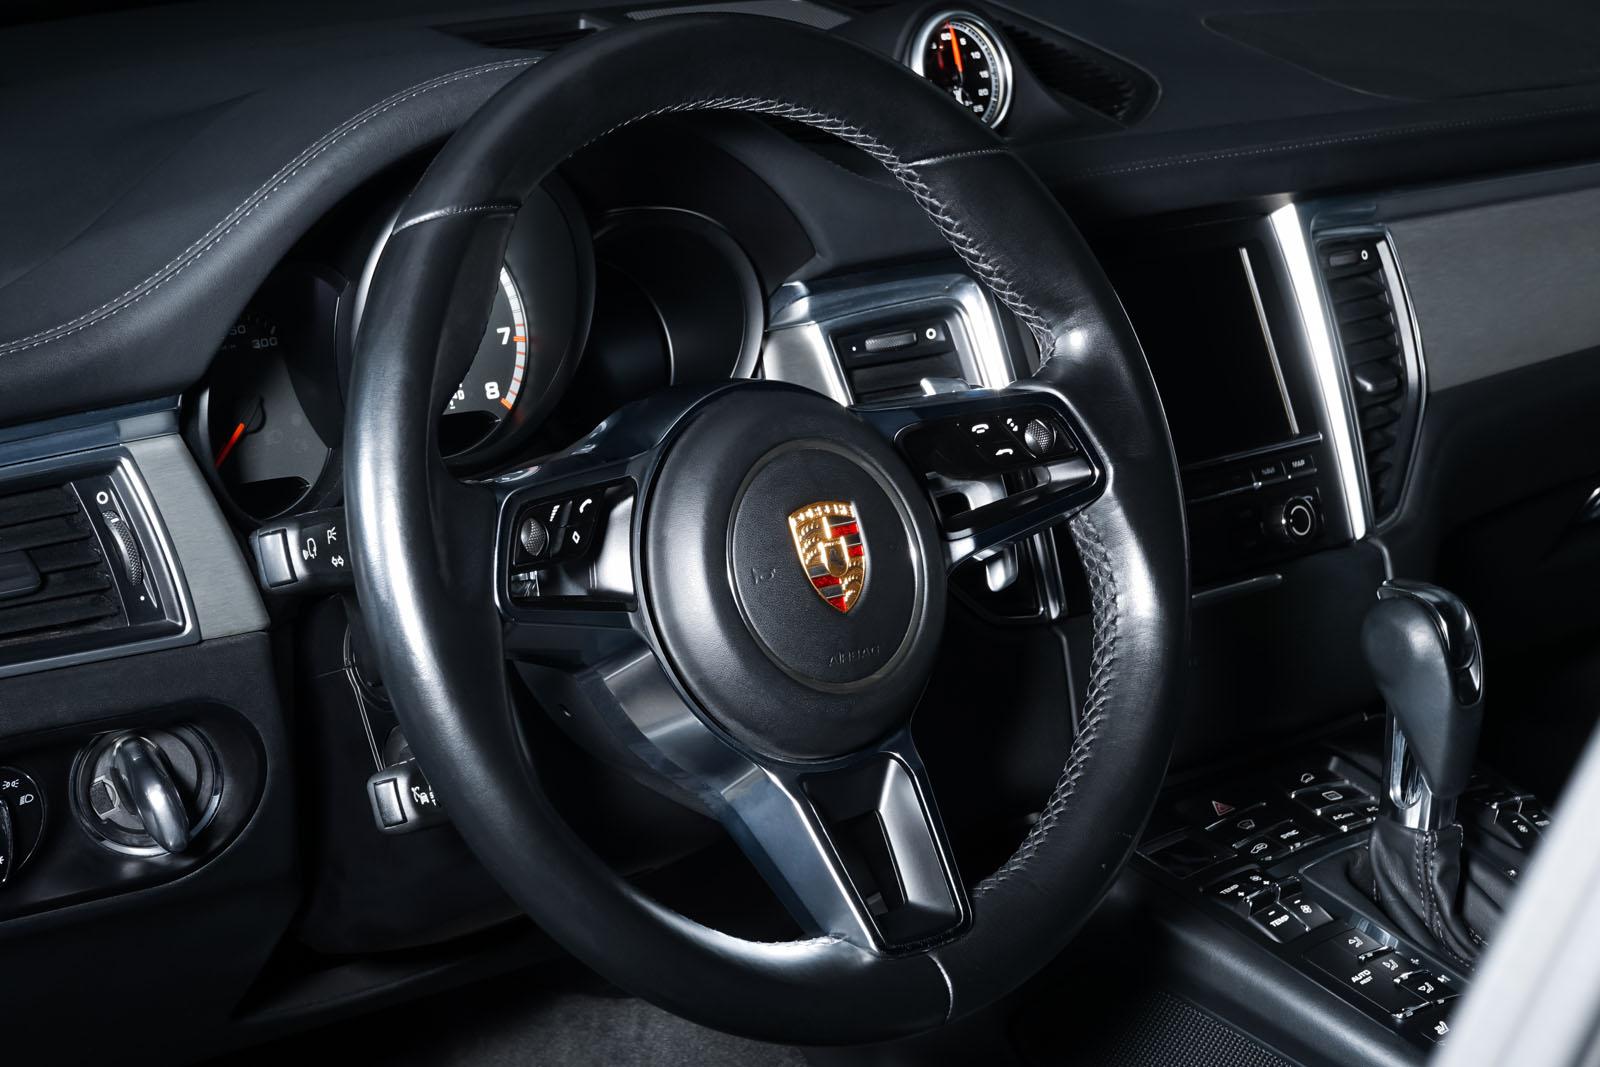 Porsche_Macan_TurboS_Schwarz_Schwarz_POR-2871_11_w